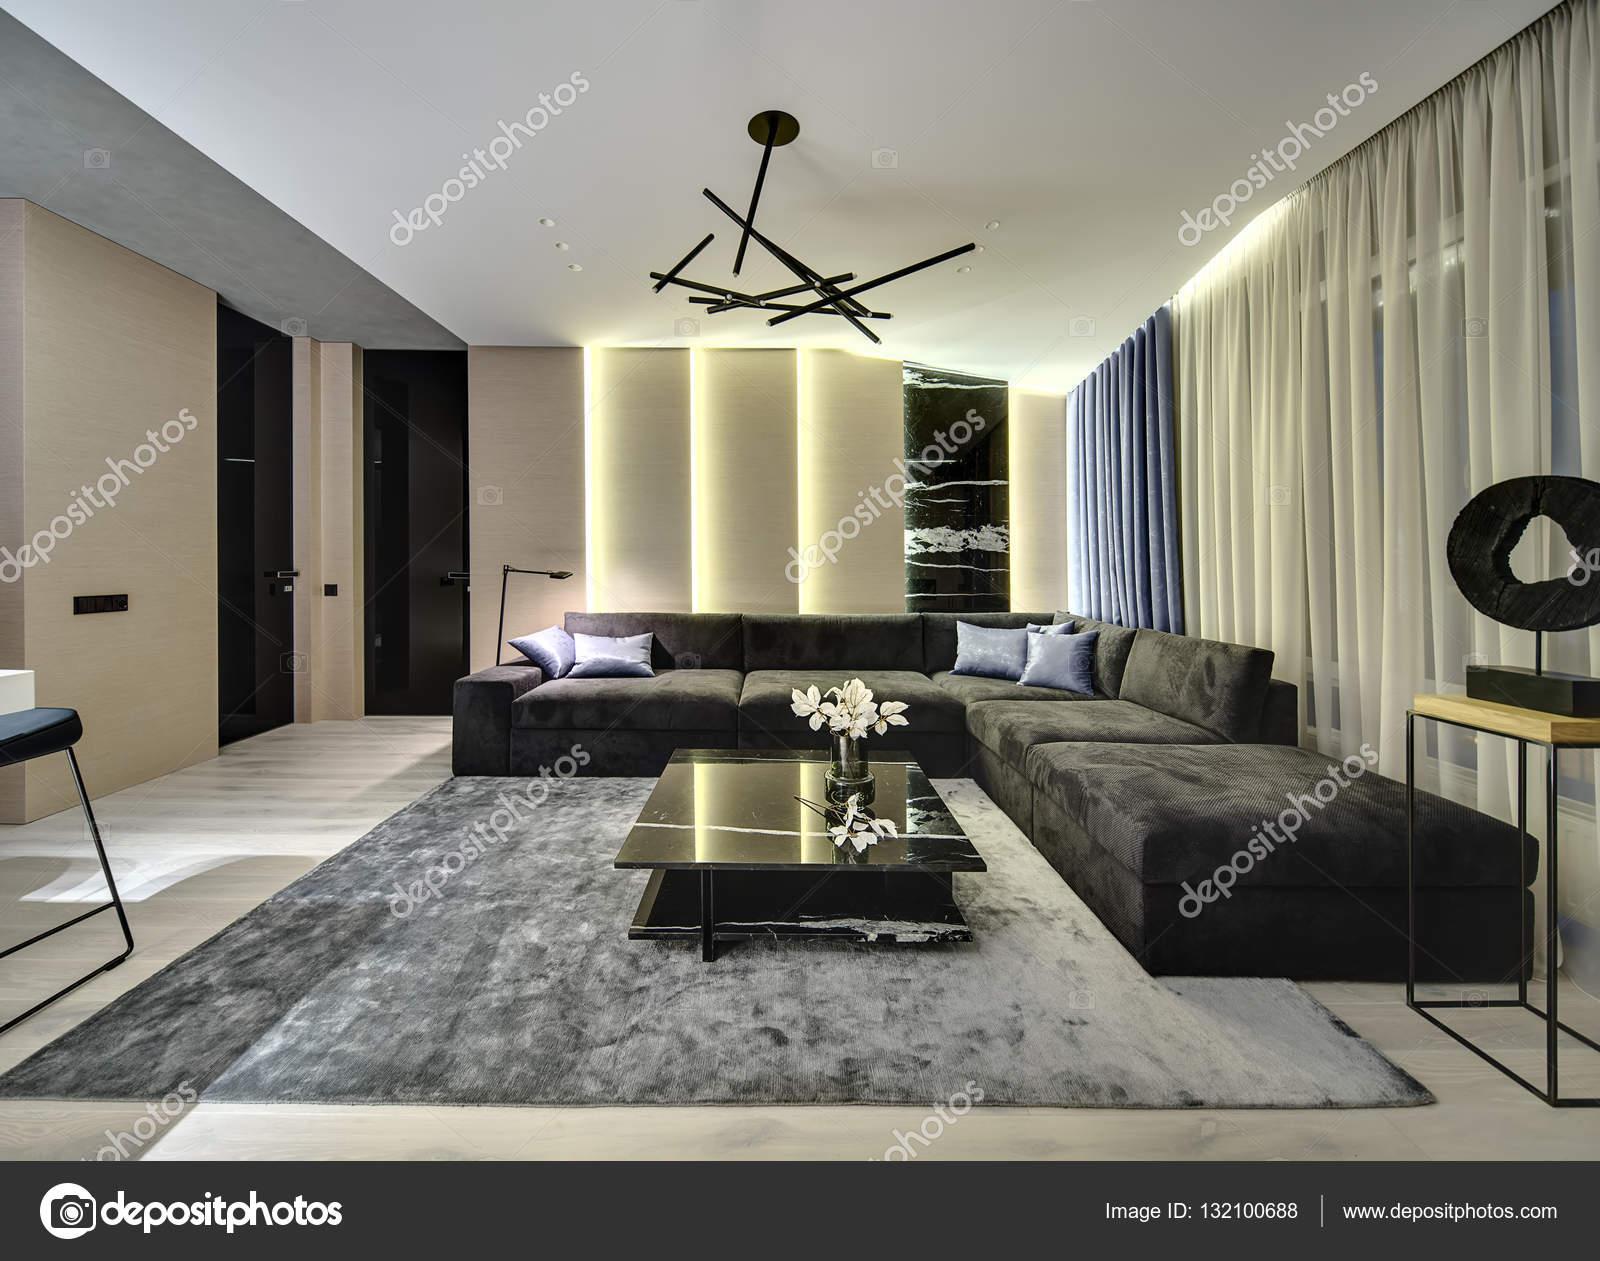 Halle im modernen Stil — Stockfoto © bezikus #132100688